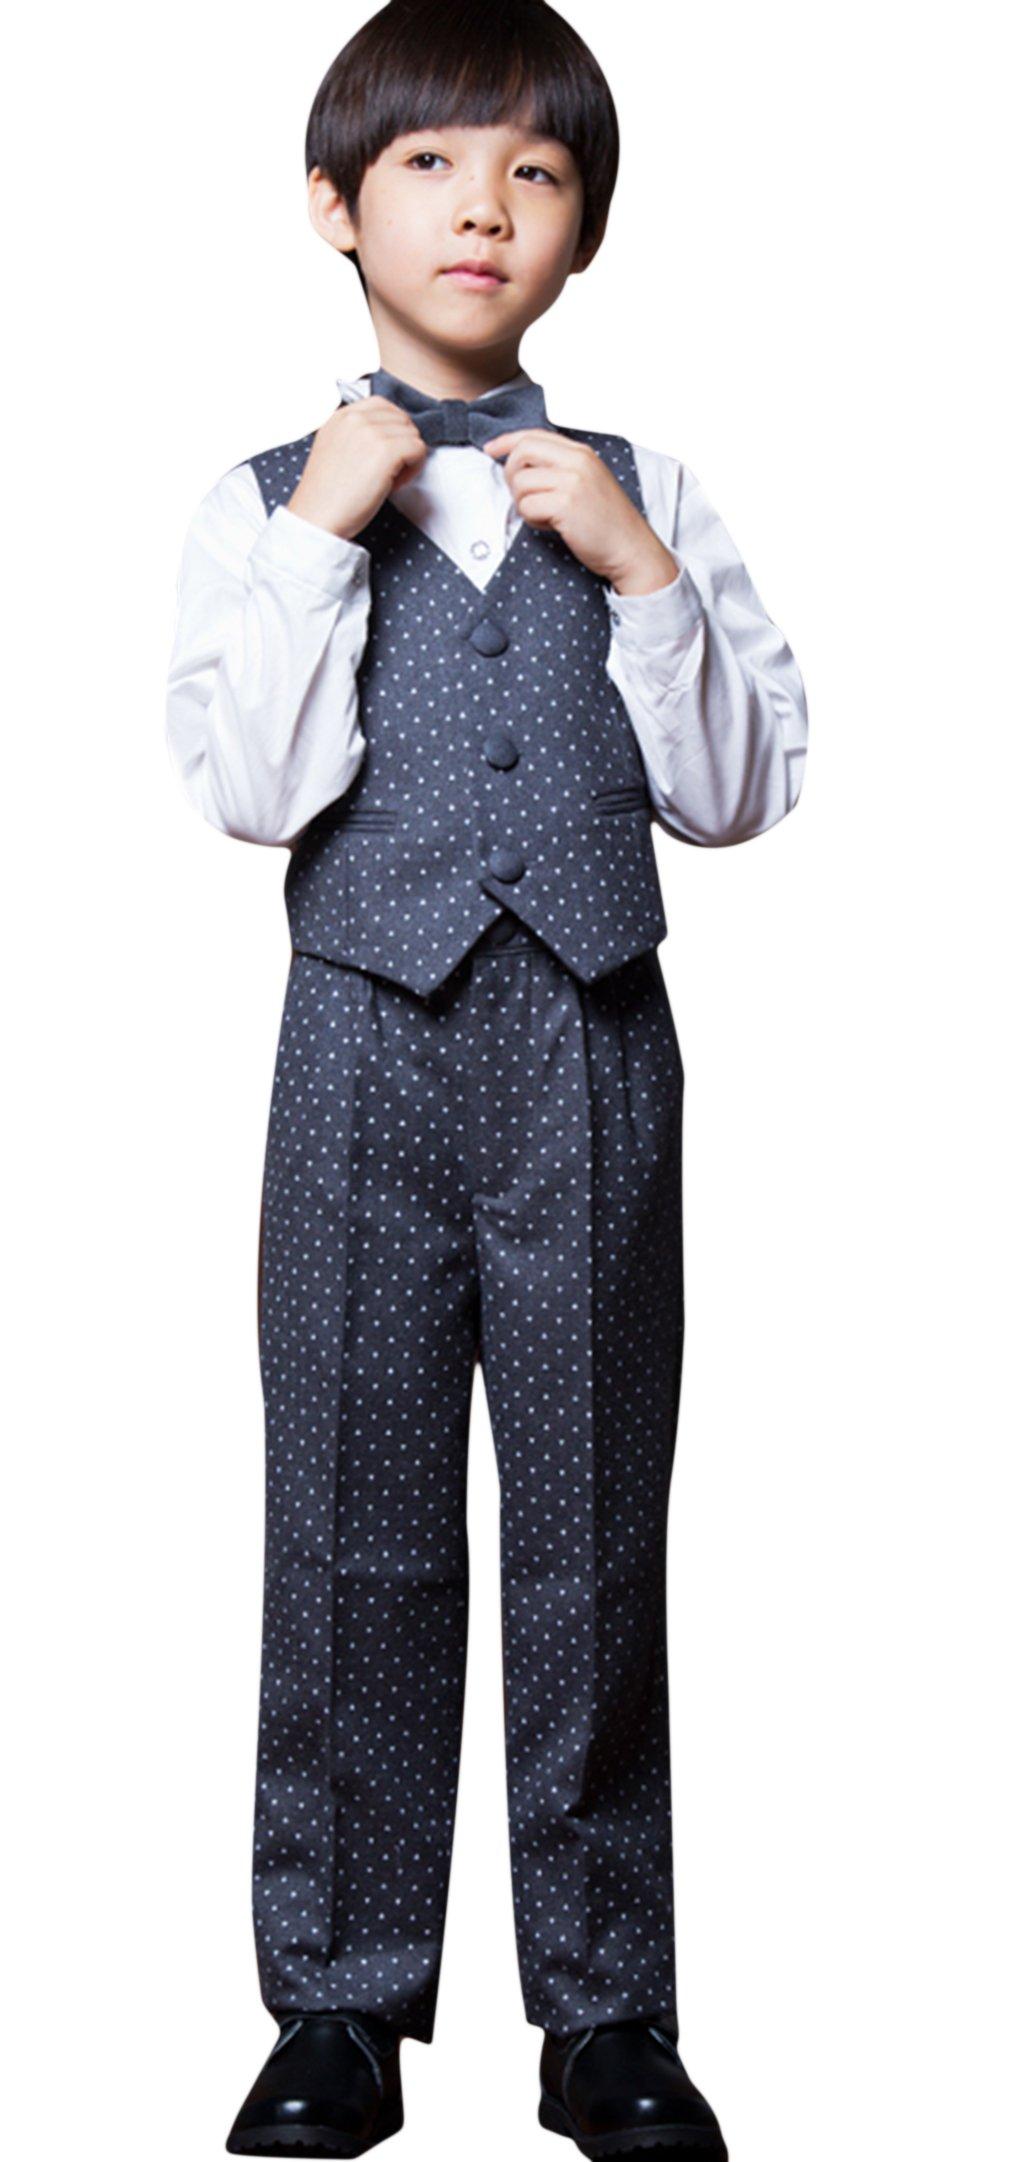 La Vogue Boys Formal 5 Piece Dress Suit Jacket Vest Shirt Pant and Bow S7 by La Vogue (Image #4)